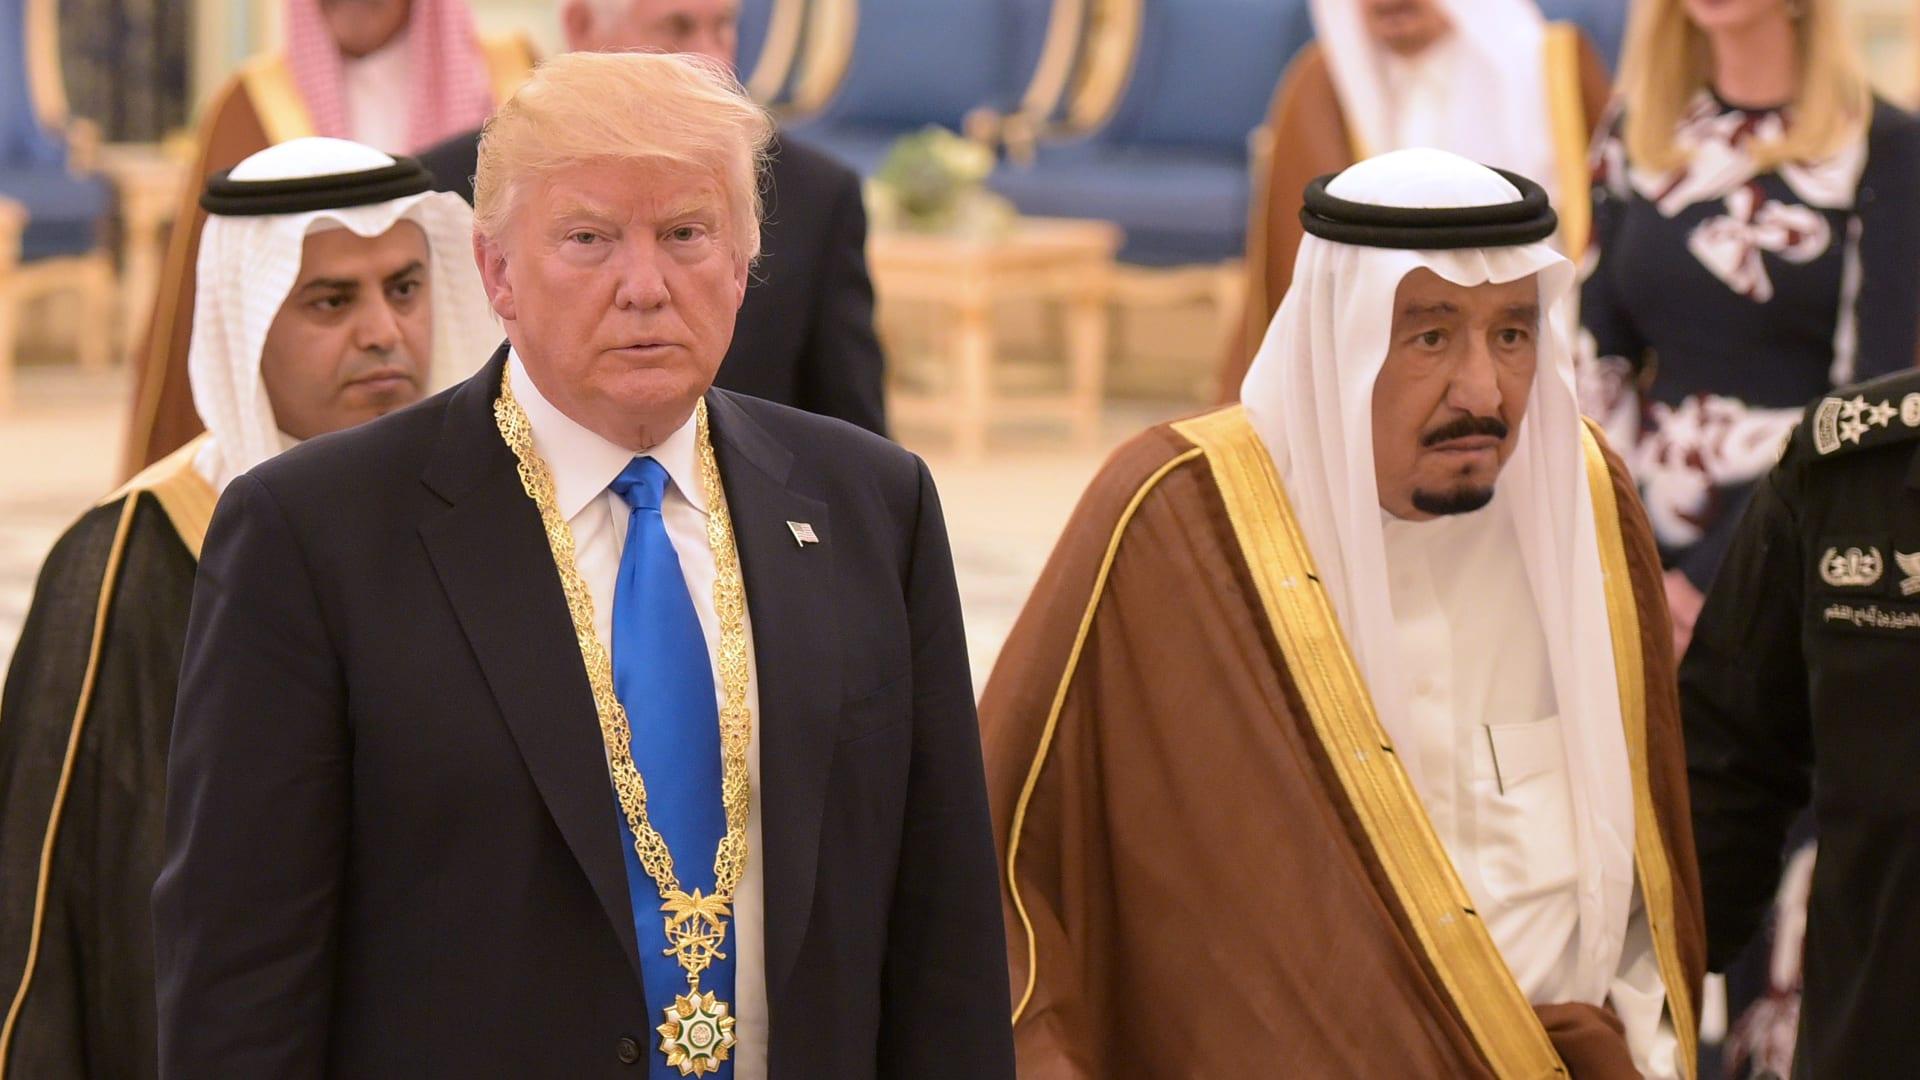 ترامب: قلت لملك السعودية قد لا تتمكنون من البقاء بدوننا